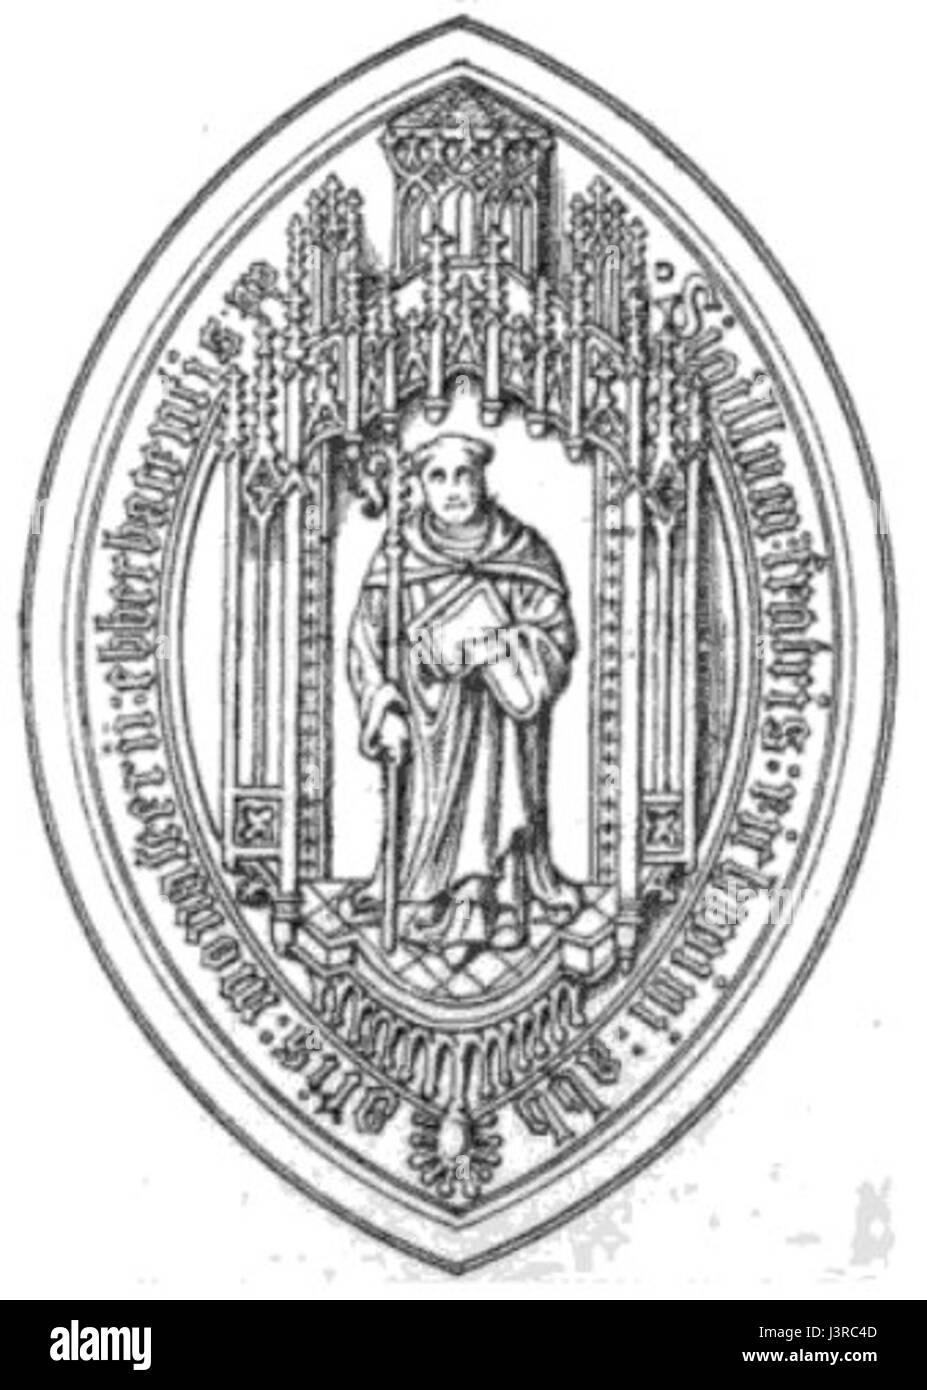 Kloster Eberbach Abteisiegel 15. Jahrhundert Stockbild